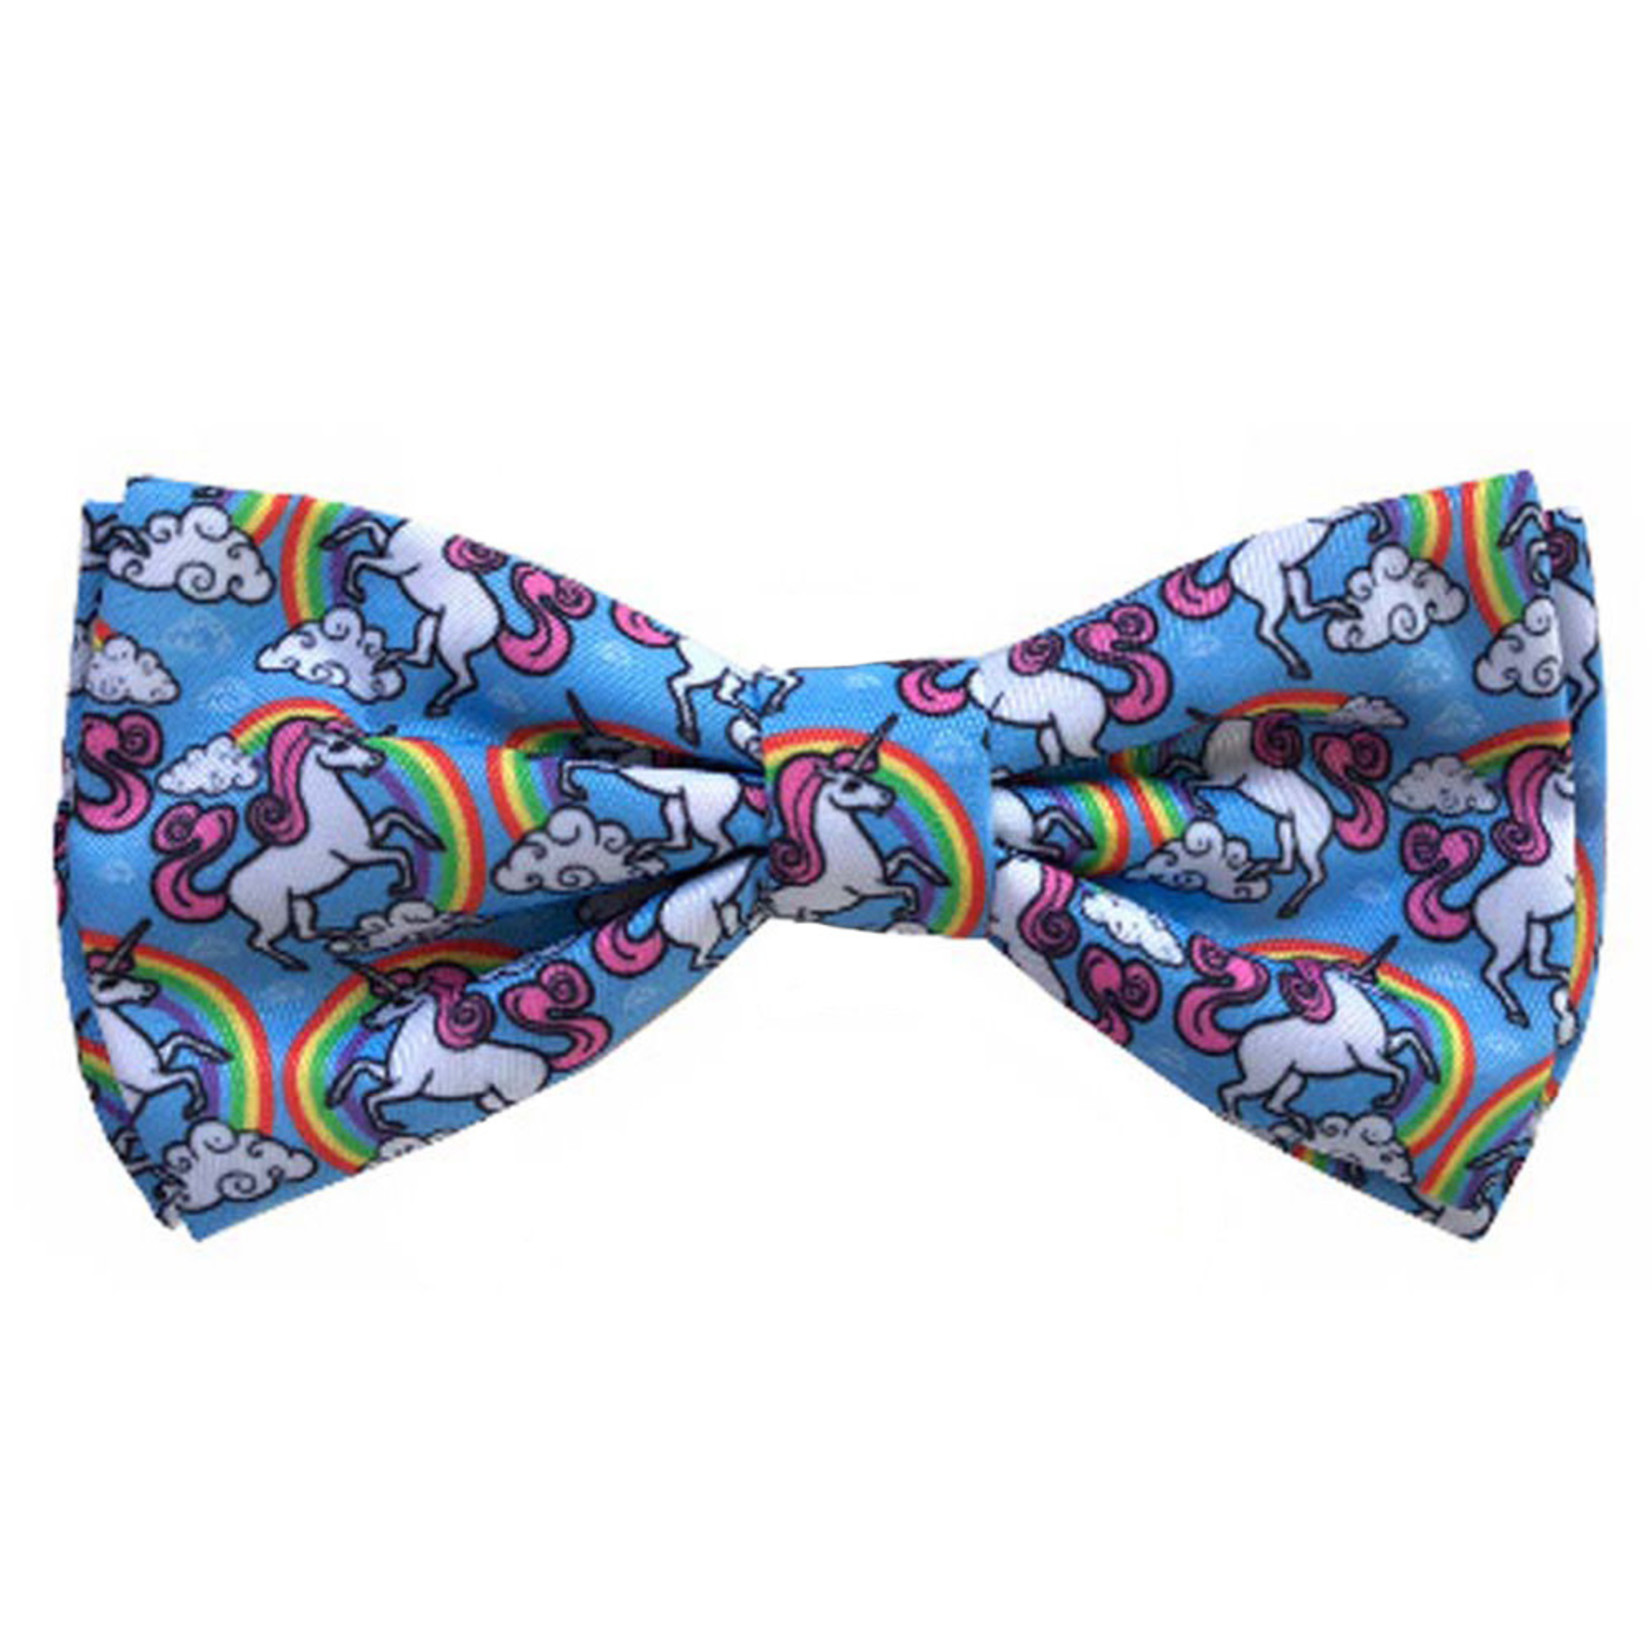 Huxley & Kent Huxley & Ken Bow Tie Magic Unicorn Small